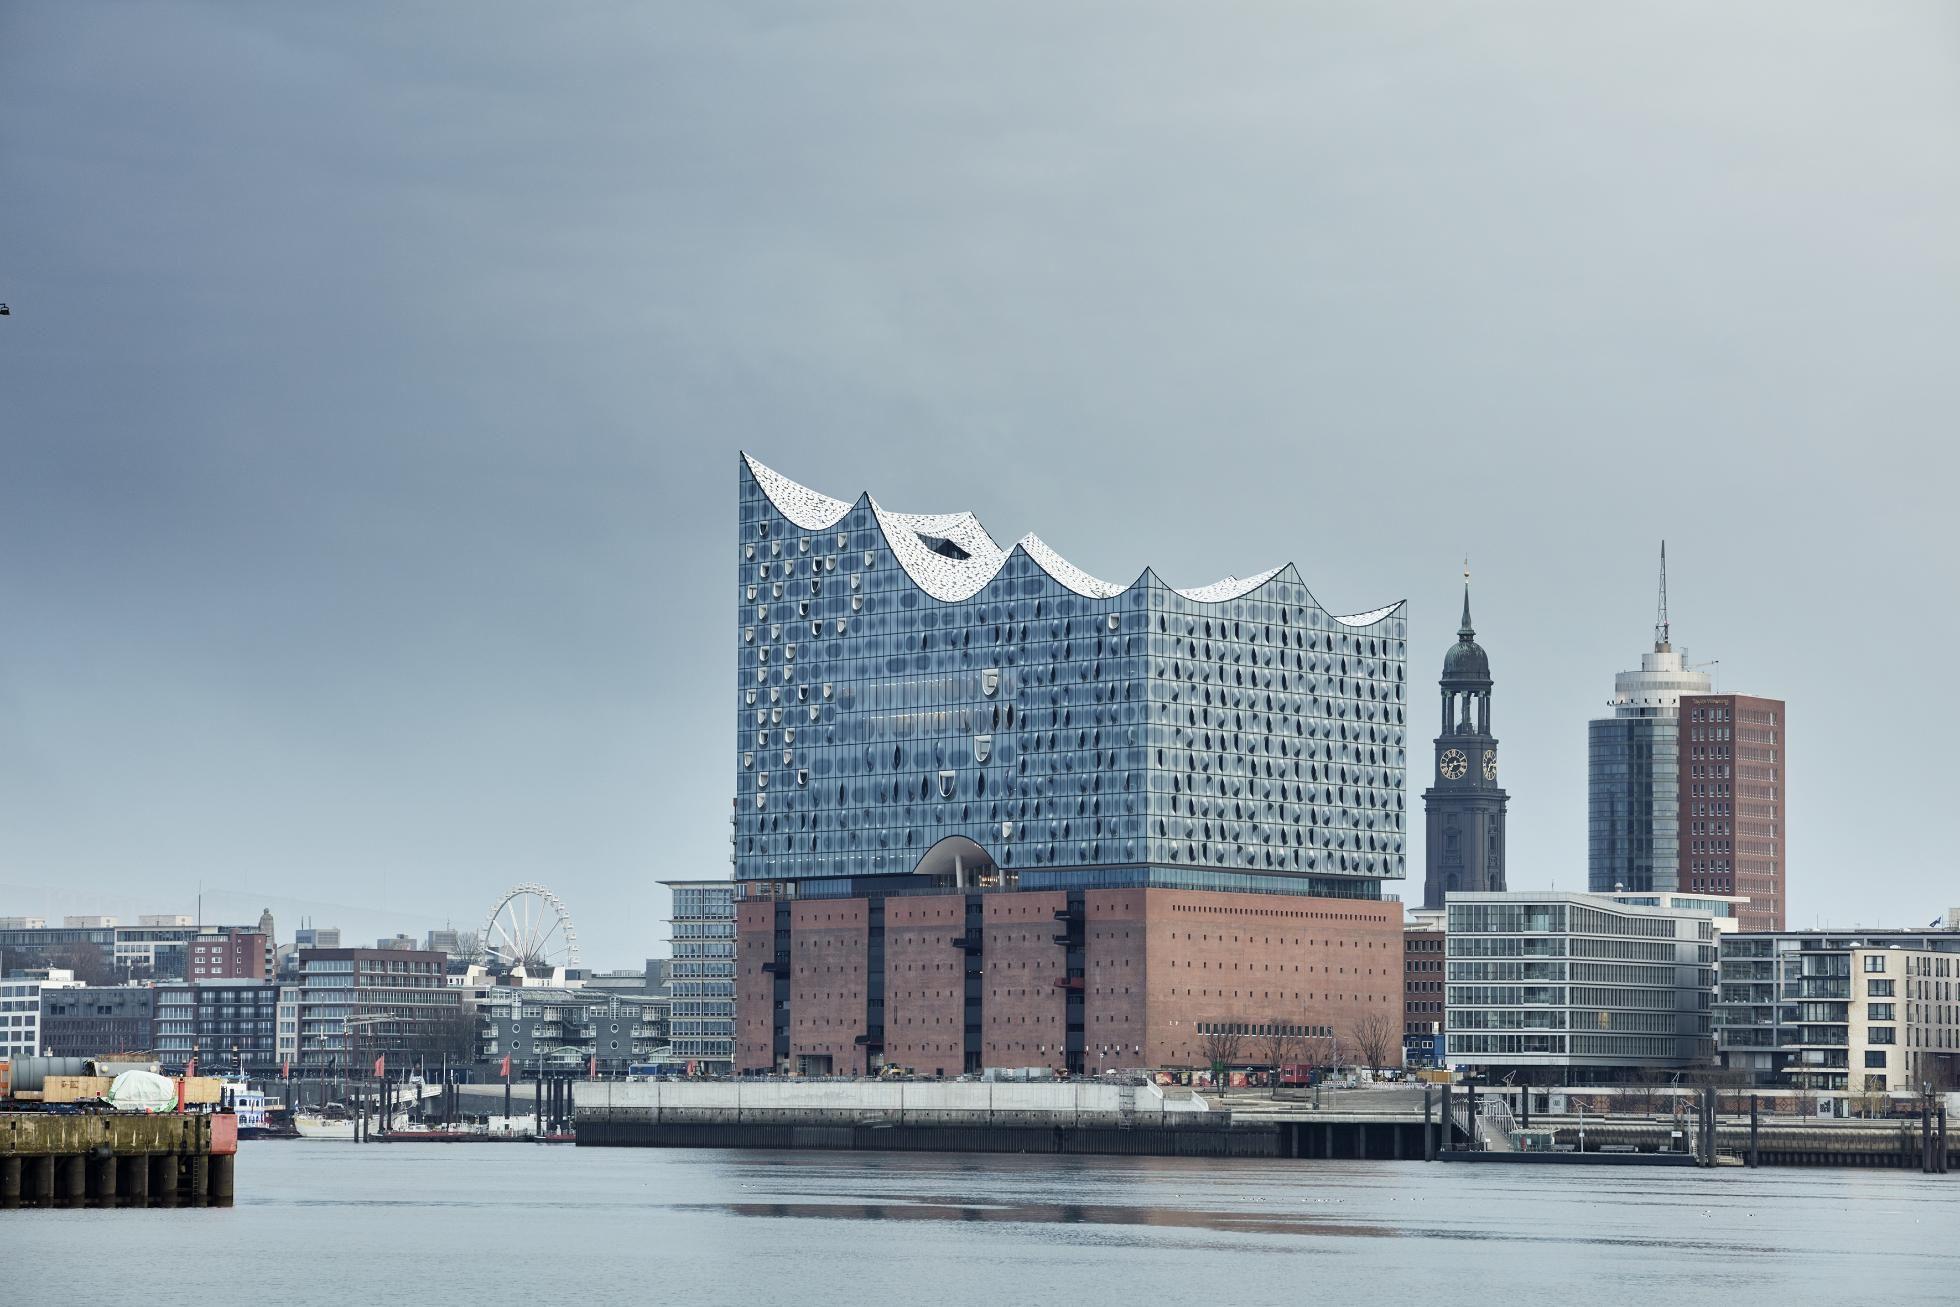 Die Neue Elbphilharmonie Hafencity Hamburg Architektur Hamburg